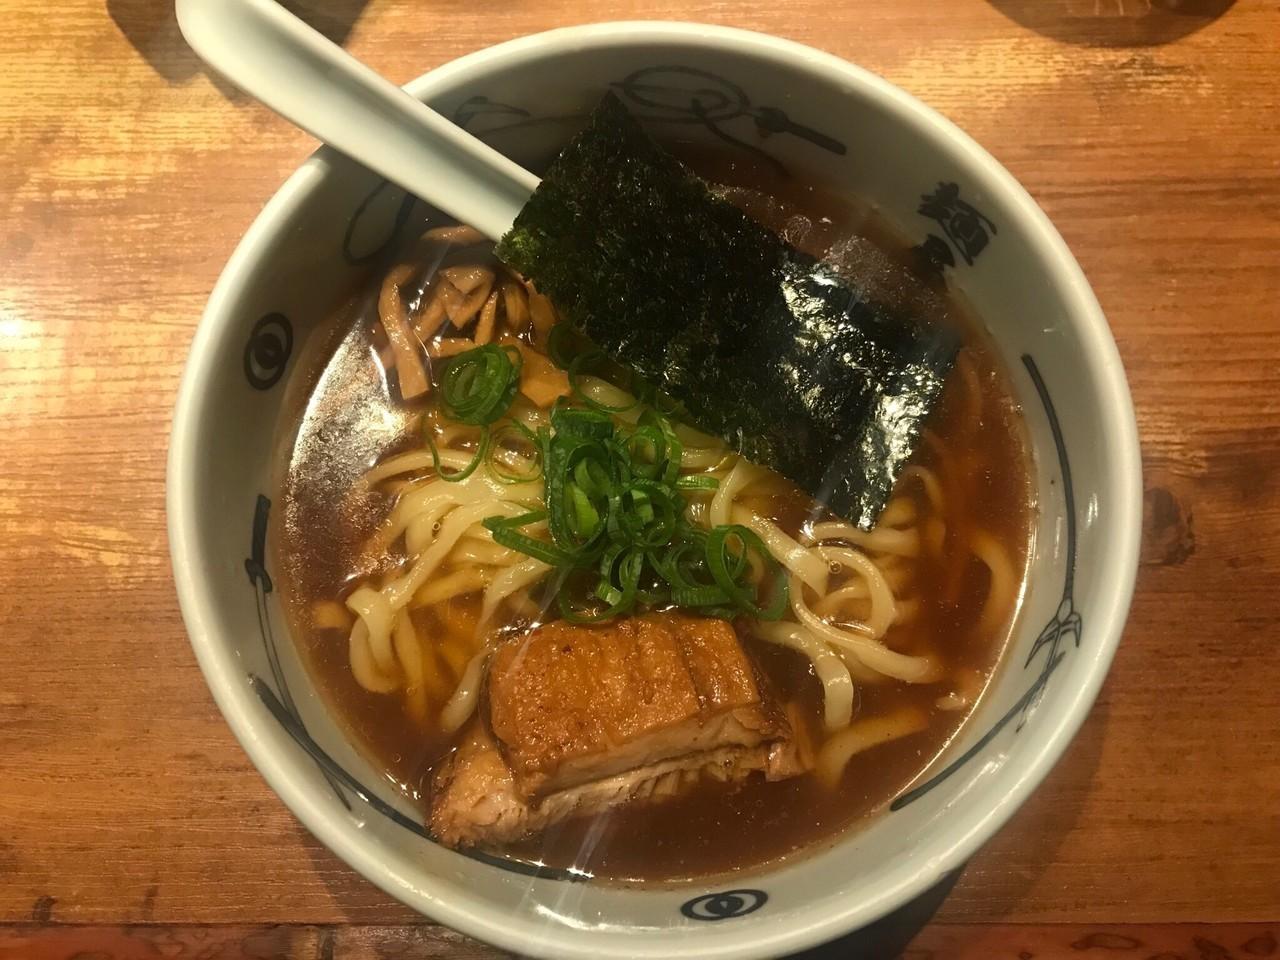 新宿駅周辺の煮干しラーメンまとめ!ニボラバーをうならせる超濃厚煮干しなど!